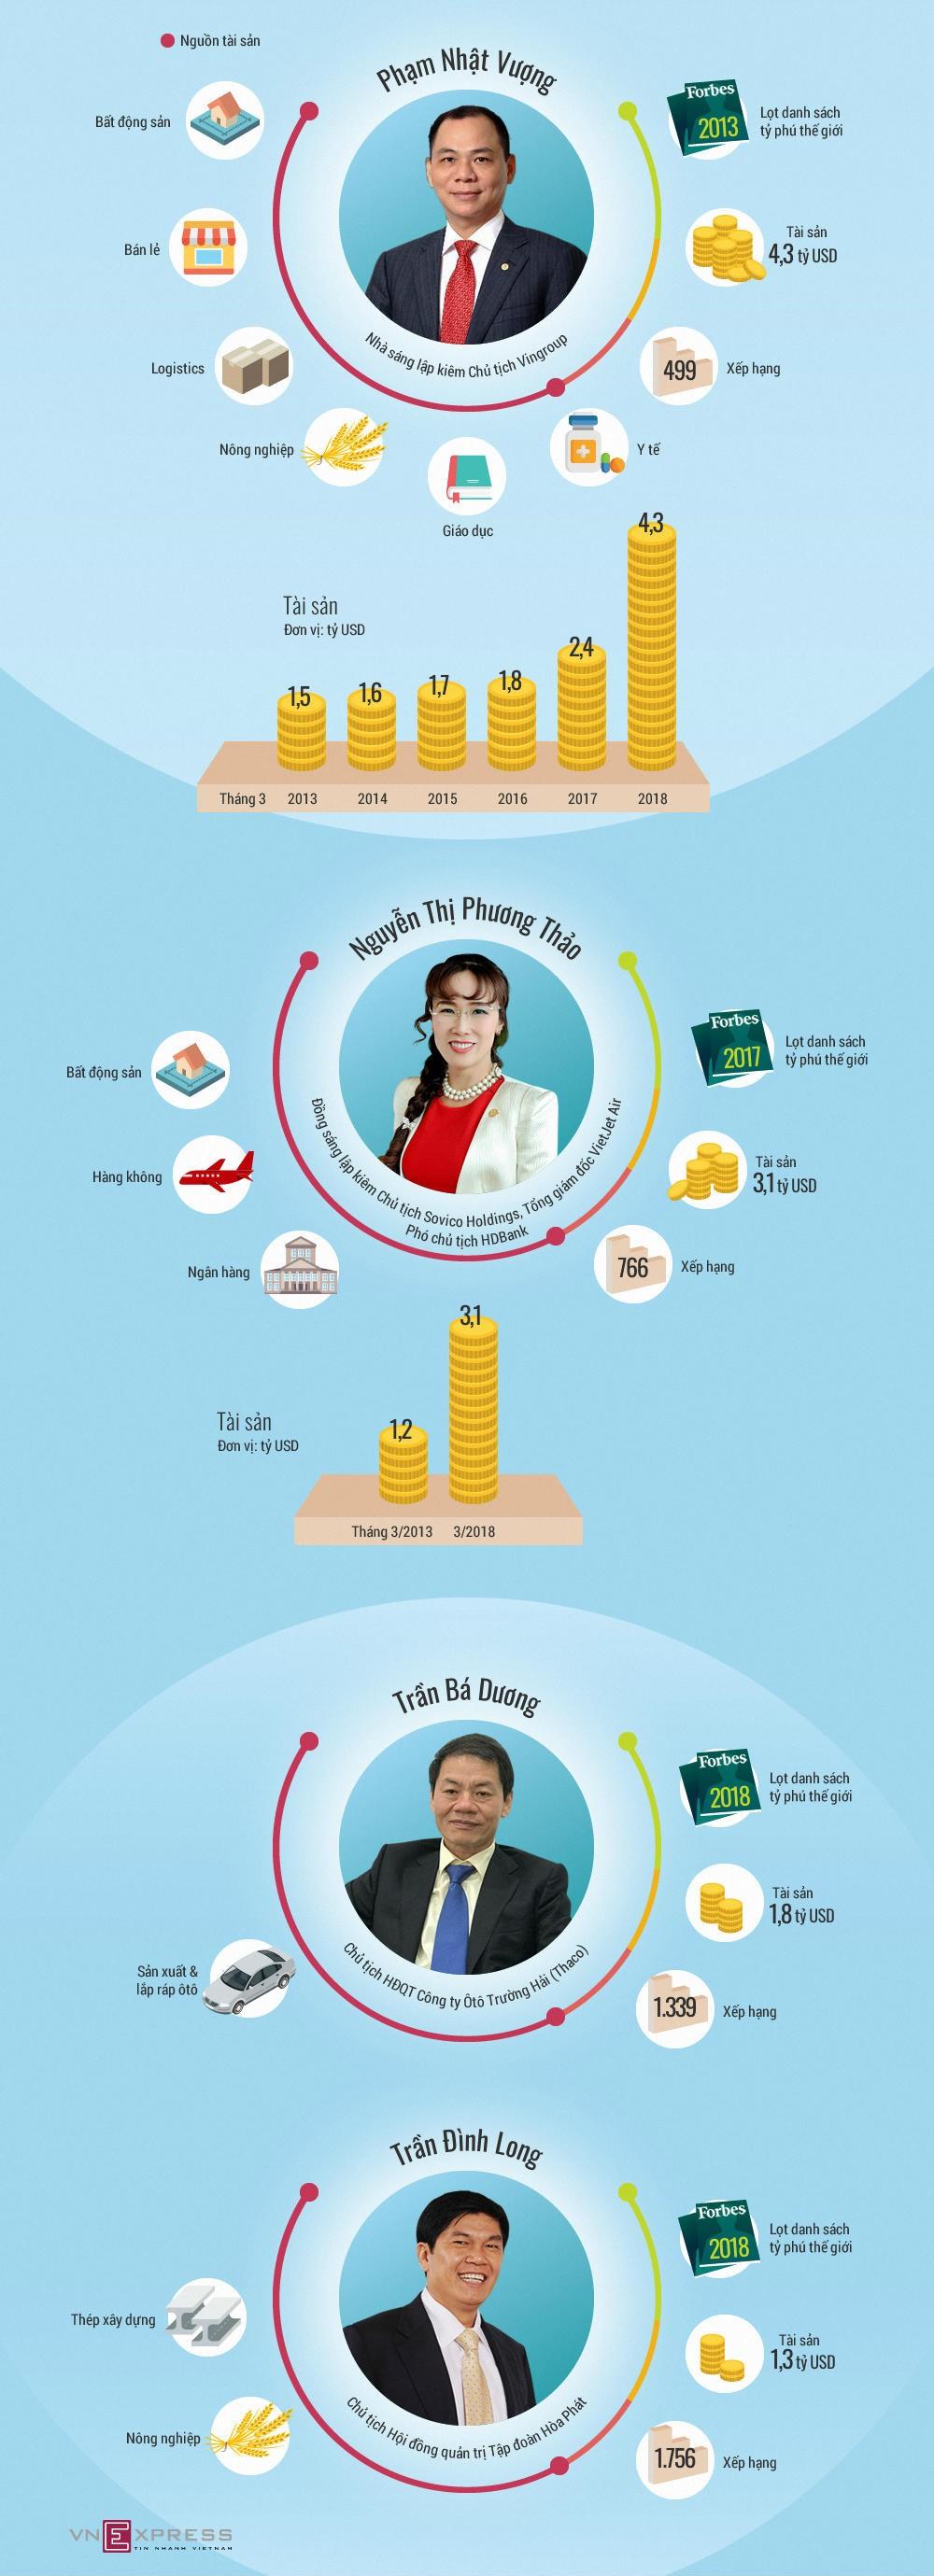 Tài sản của tỷ phú Việt Nam đến từ đâu ảnh 1